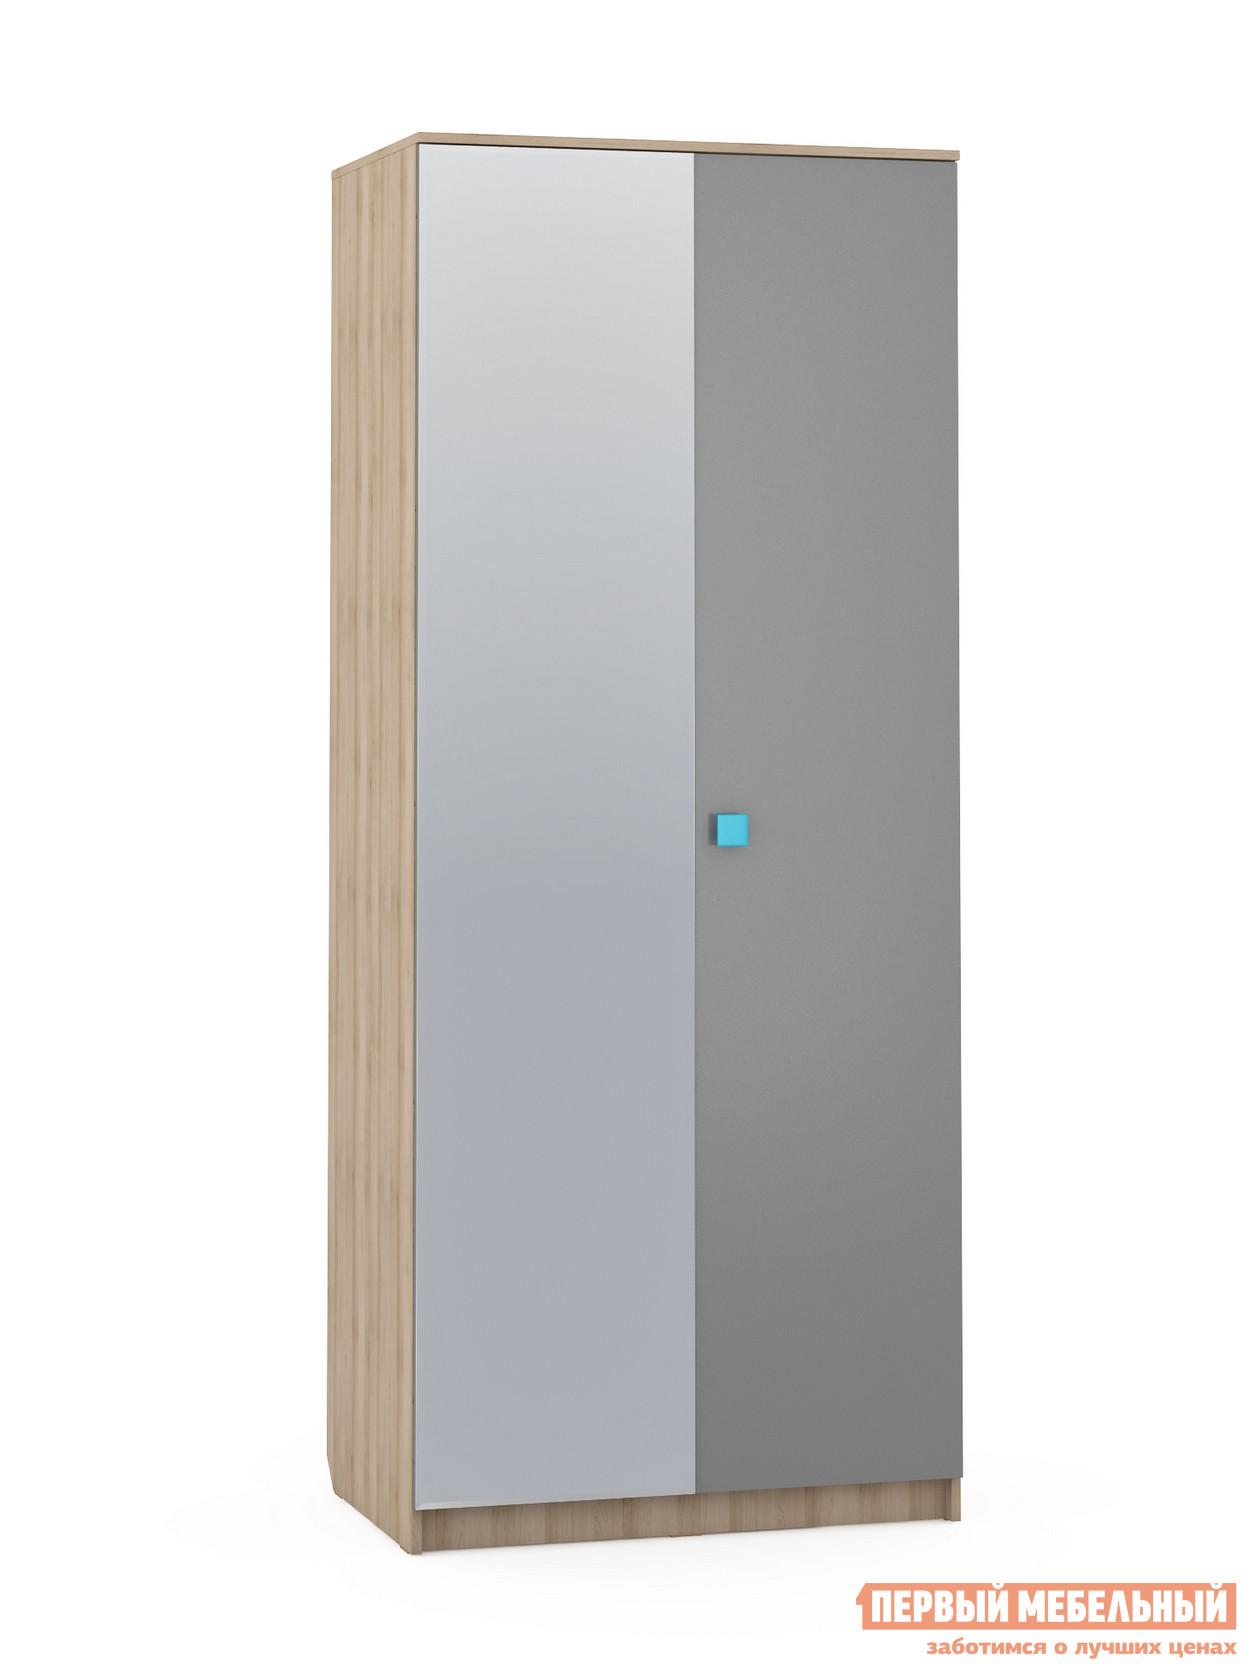 Шкаф детский Первый Мебельный Доминика 451/02 К Шкаф 2-х дверный